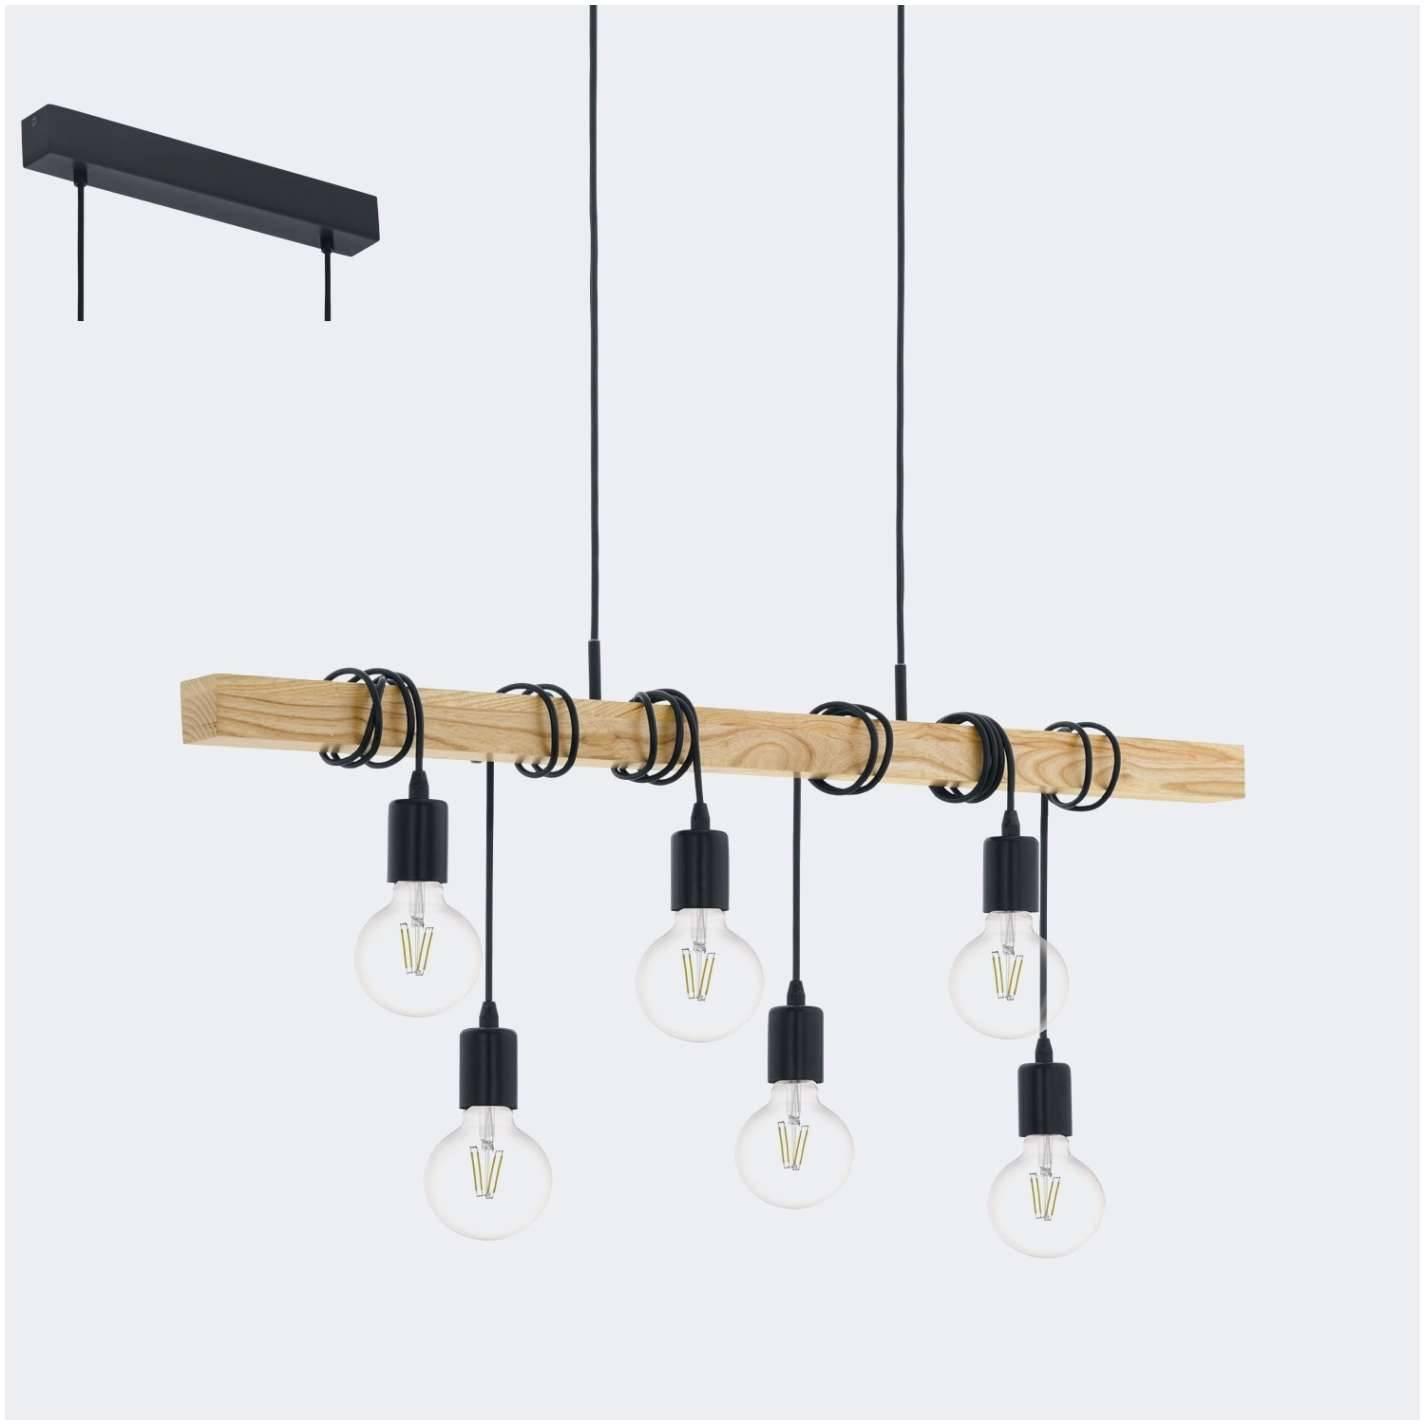 wohnzimmer lampe gebraucht best of nouveau lampe industrielle led cool sehr gehend od inspiration of wohnzimmer lampe gebraucht